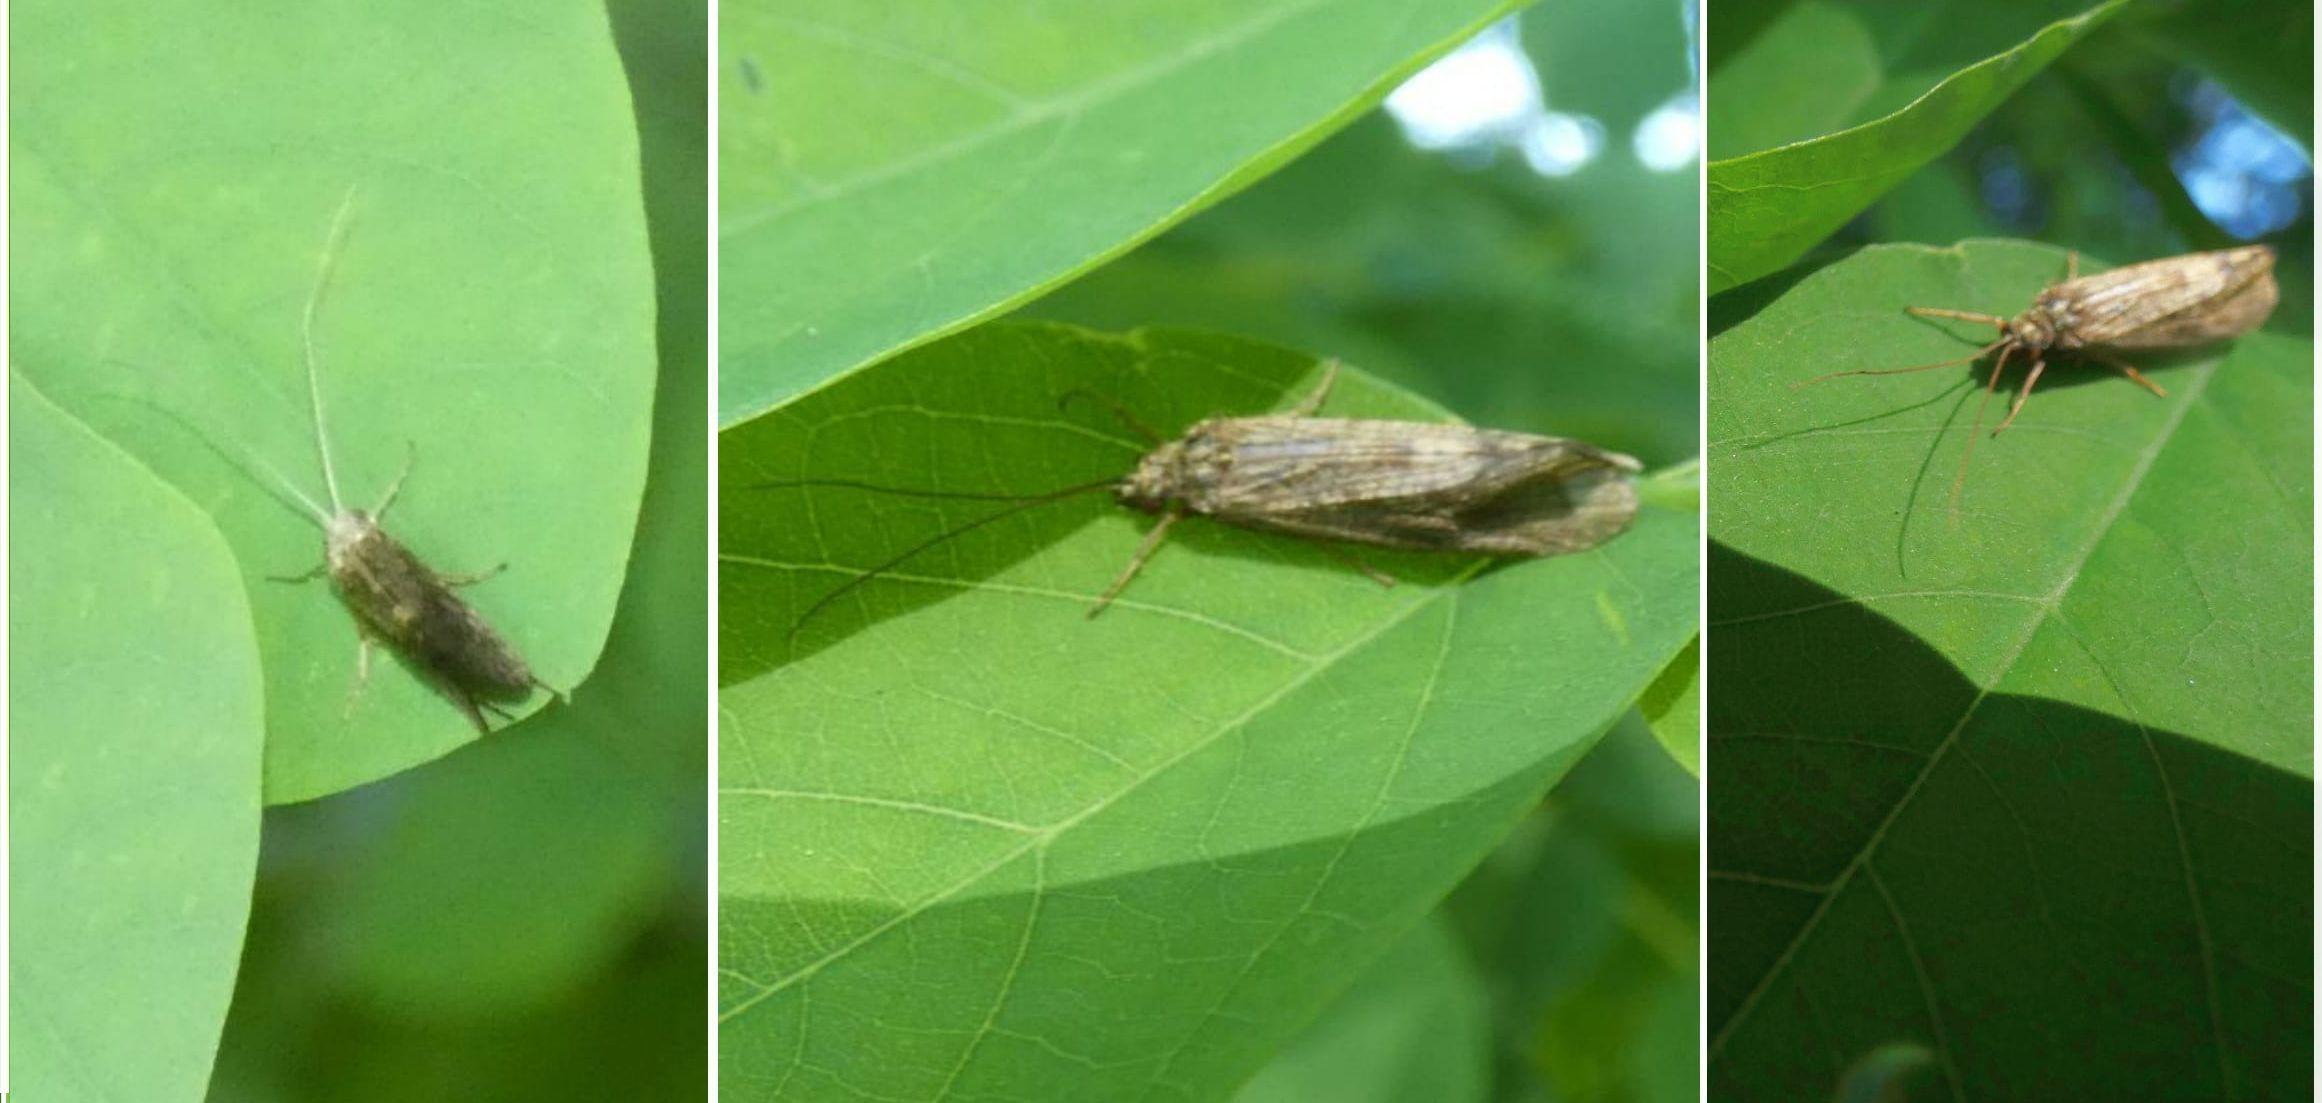 Hydropsychidae: Hydropsyche sp.